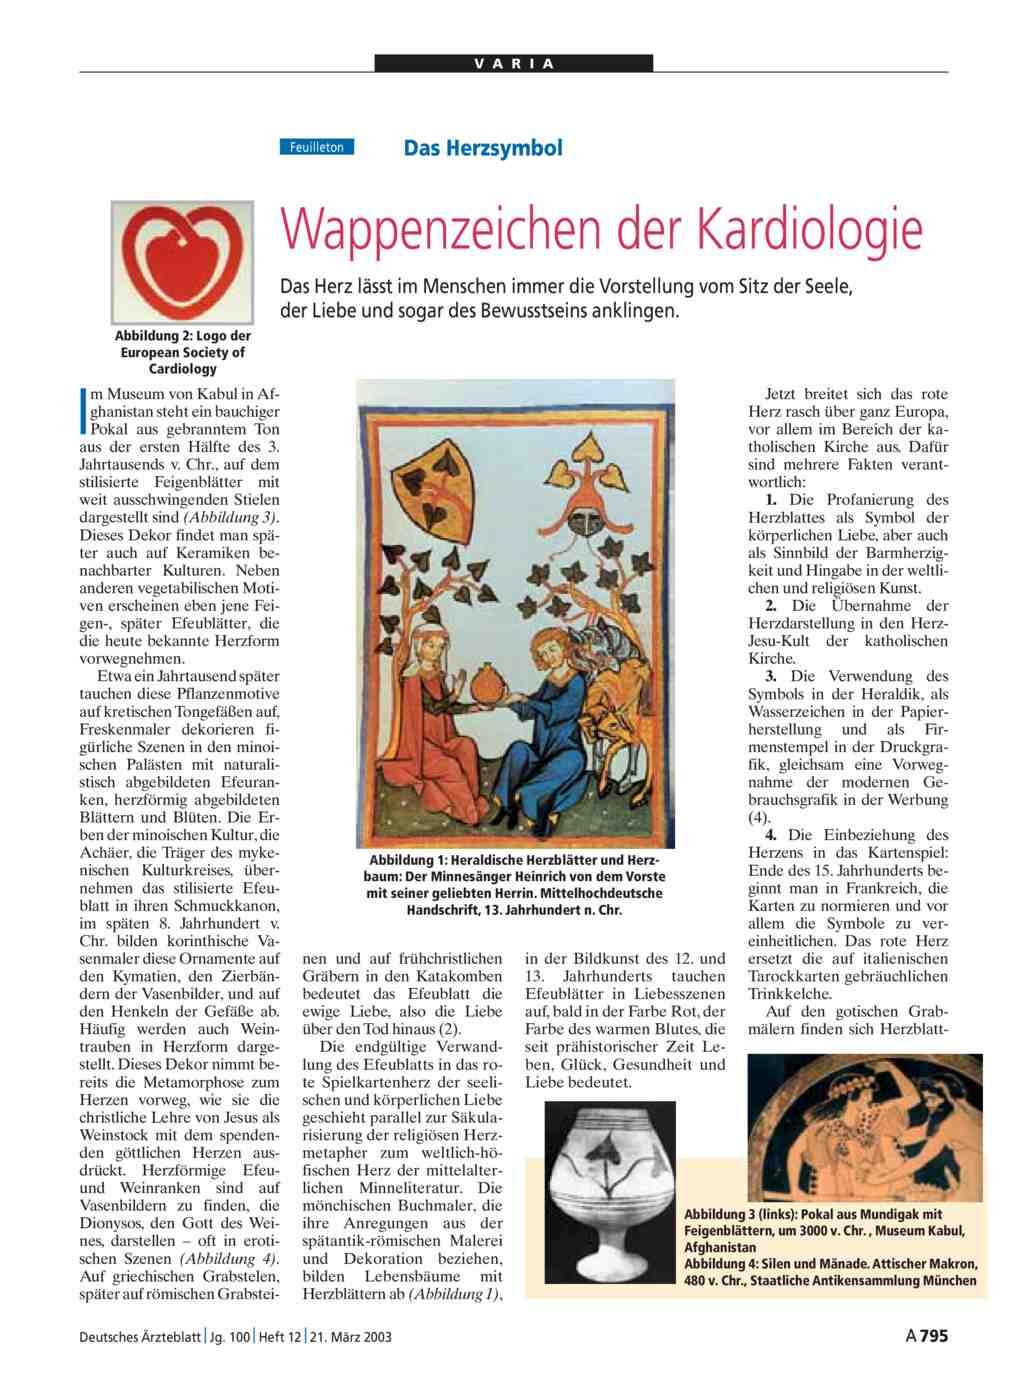 Das Herzsymbol: Wappenzeichen der Kardiologie